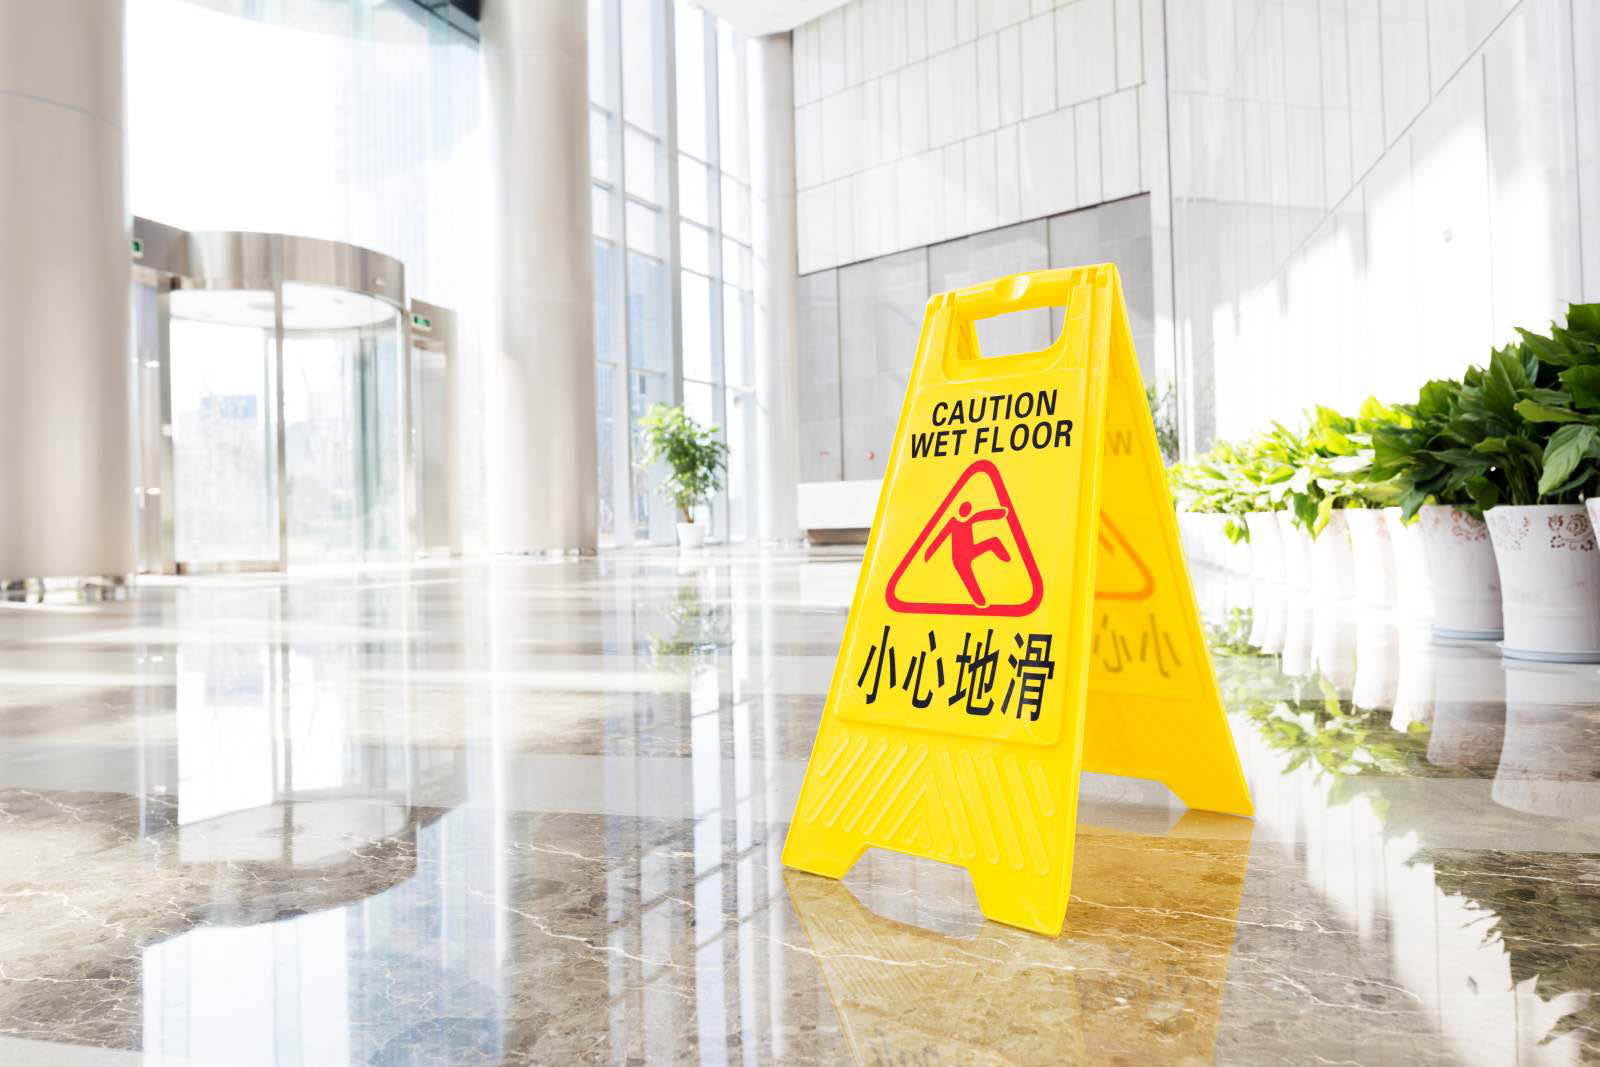 KC Grip, make slippery surfaces safer, anti-slip floor treatment, slippery interior floor, non-slip exterior surface, slippery floor surfaces, improve traction, Anti-Slip treatment, prevent slips and falls, slip resistant floors